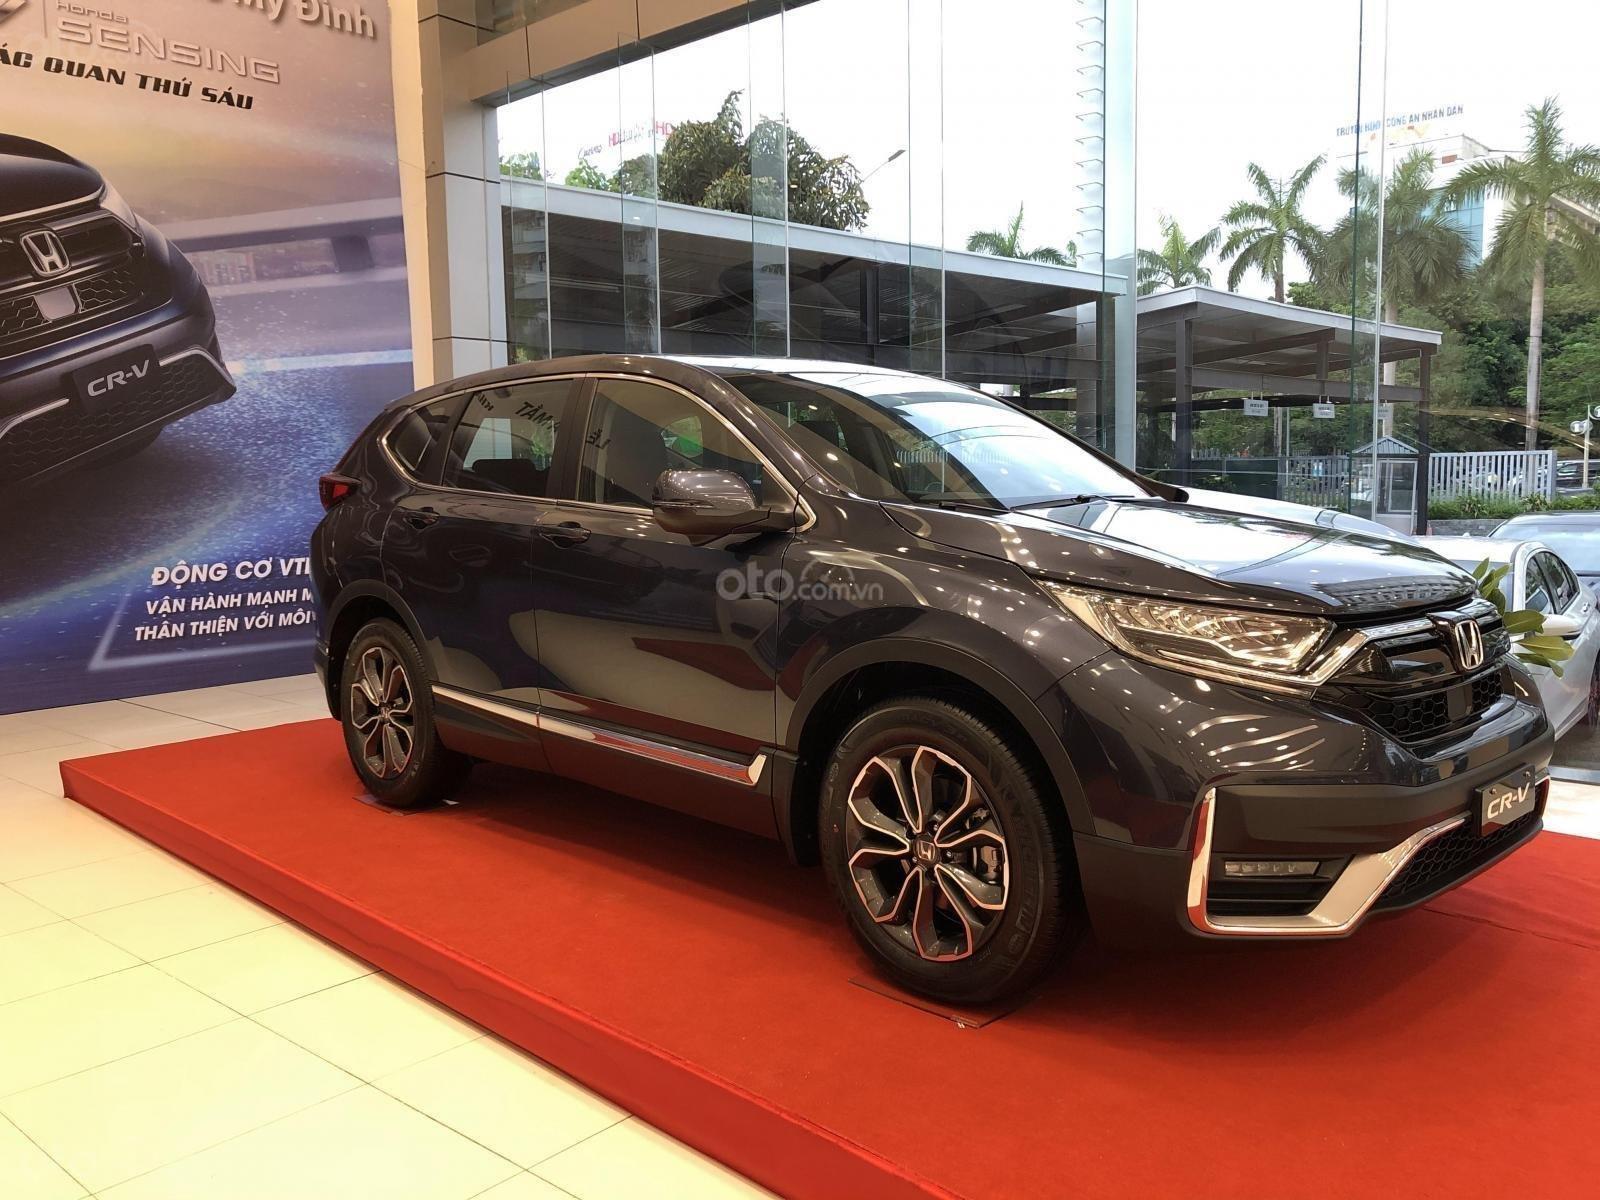 Giá xe Honda CRV 2021 - Ưu đãi dịp lễ 30/4 tiền mặt kèm phụ kiện khủng - sẵn xe giao ngay (5)